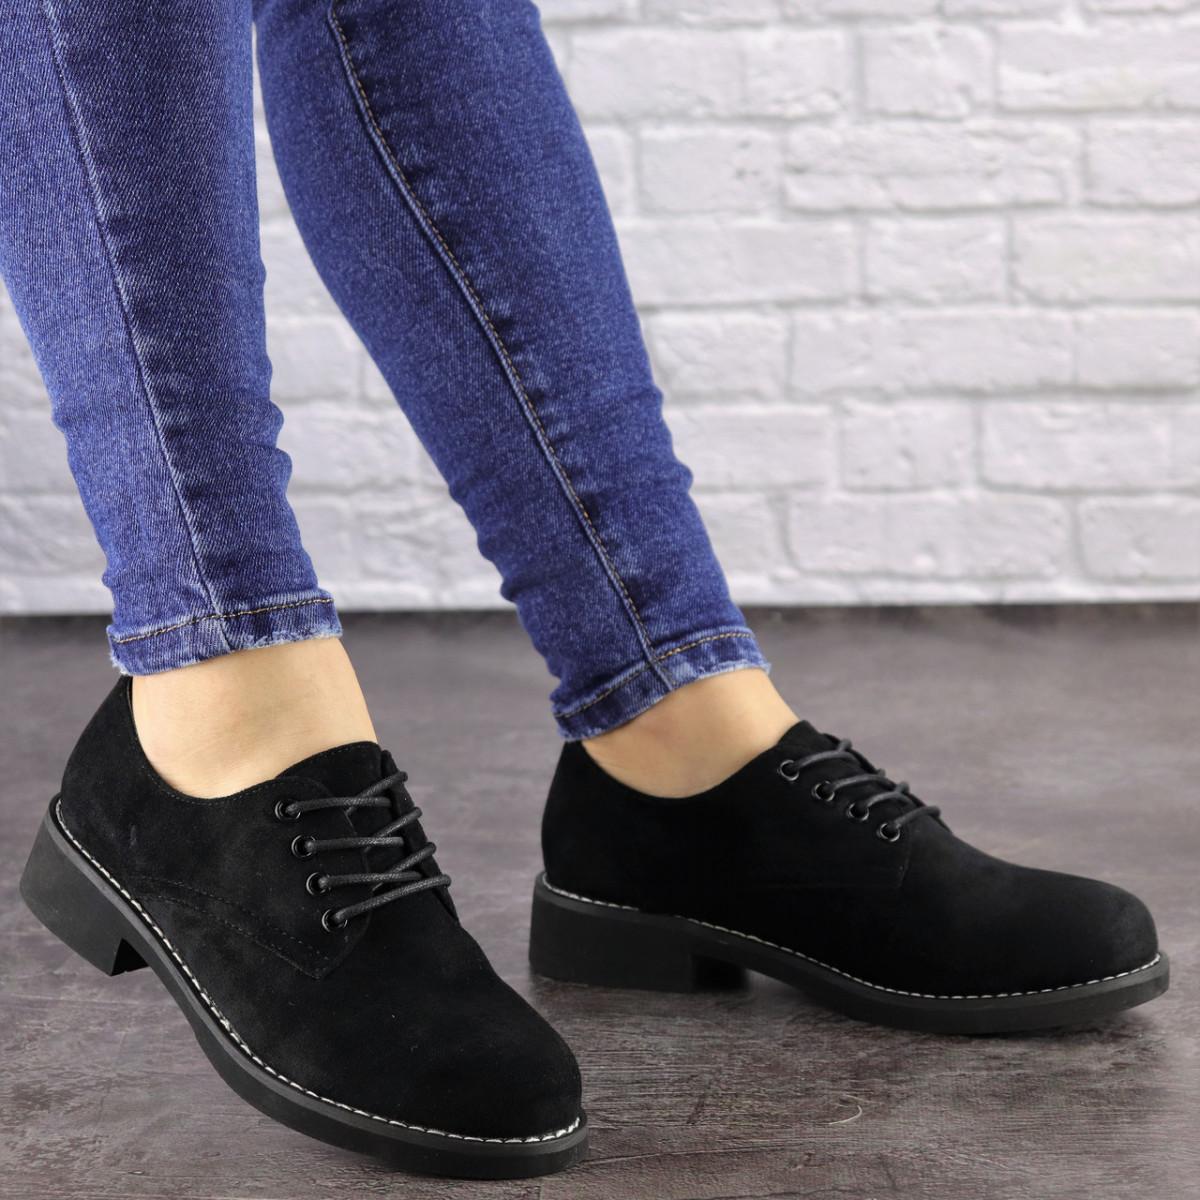 Женские туфли Oreo черные 1465 (38 размер)